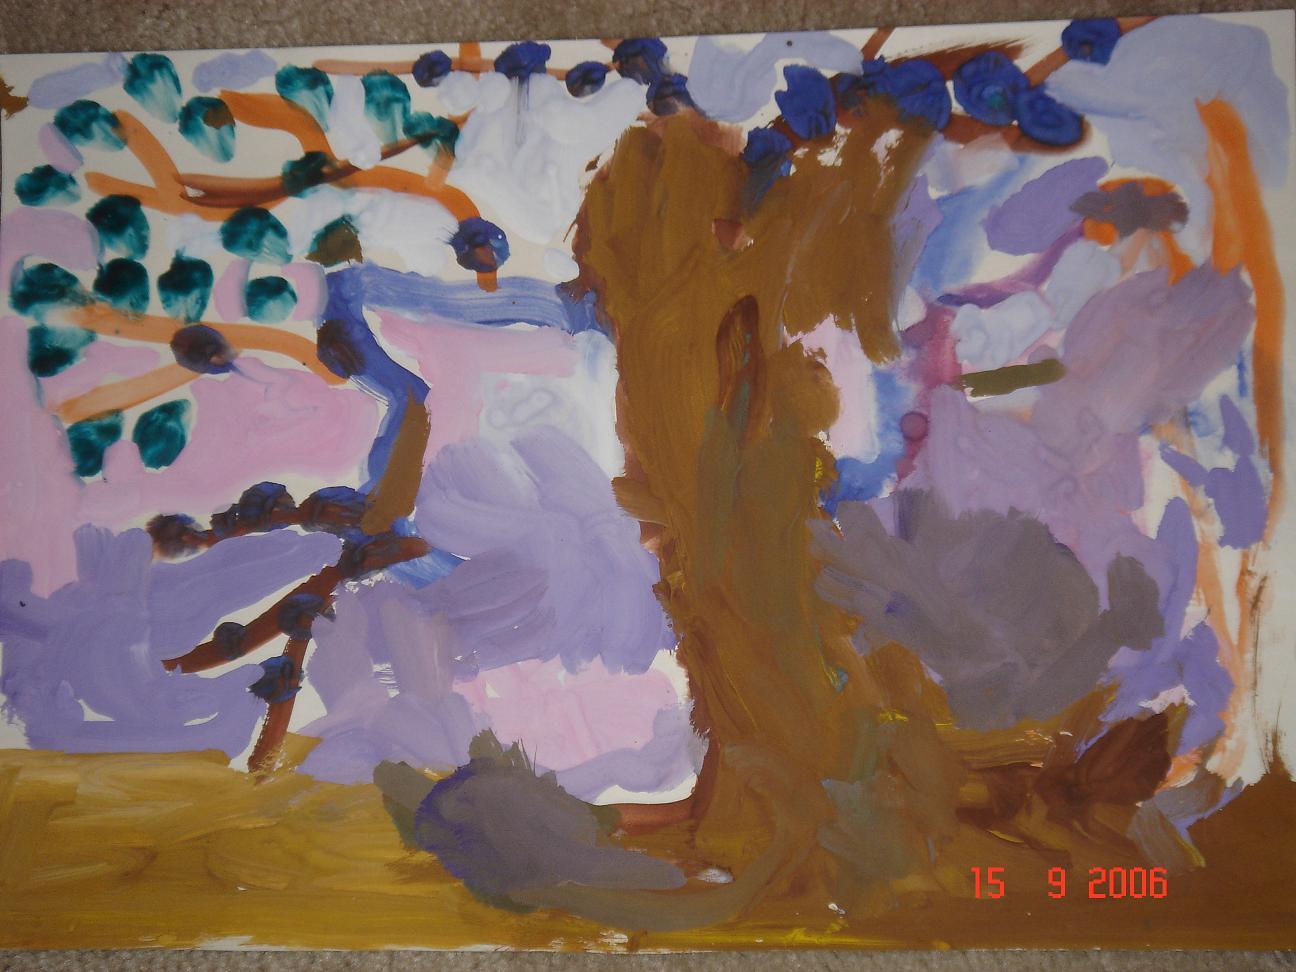 Портрет старого дерева. Конкурс детского рисунка с ВООБРАЖАЛКИНЫМ